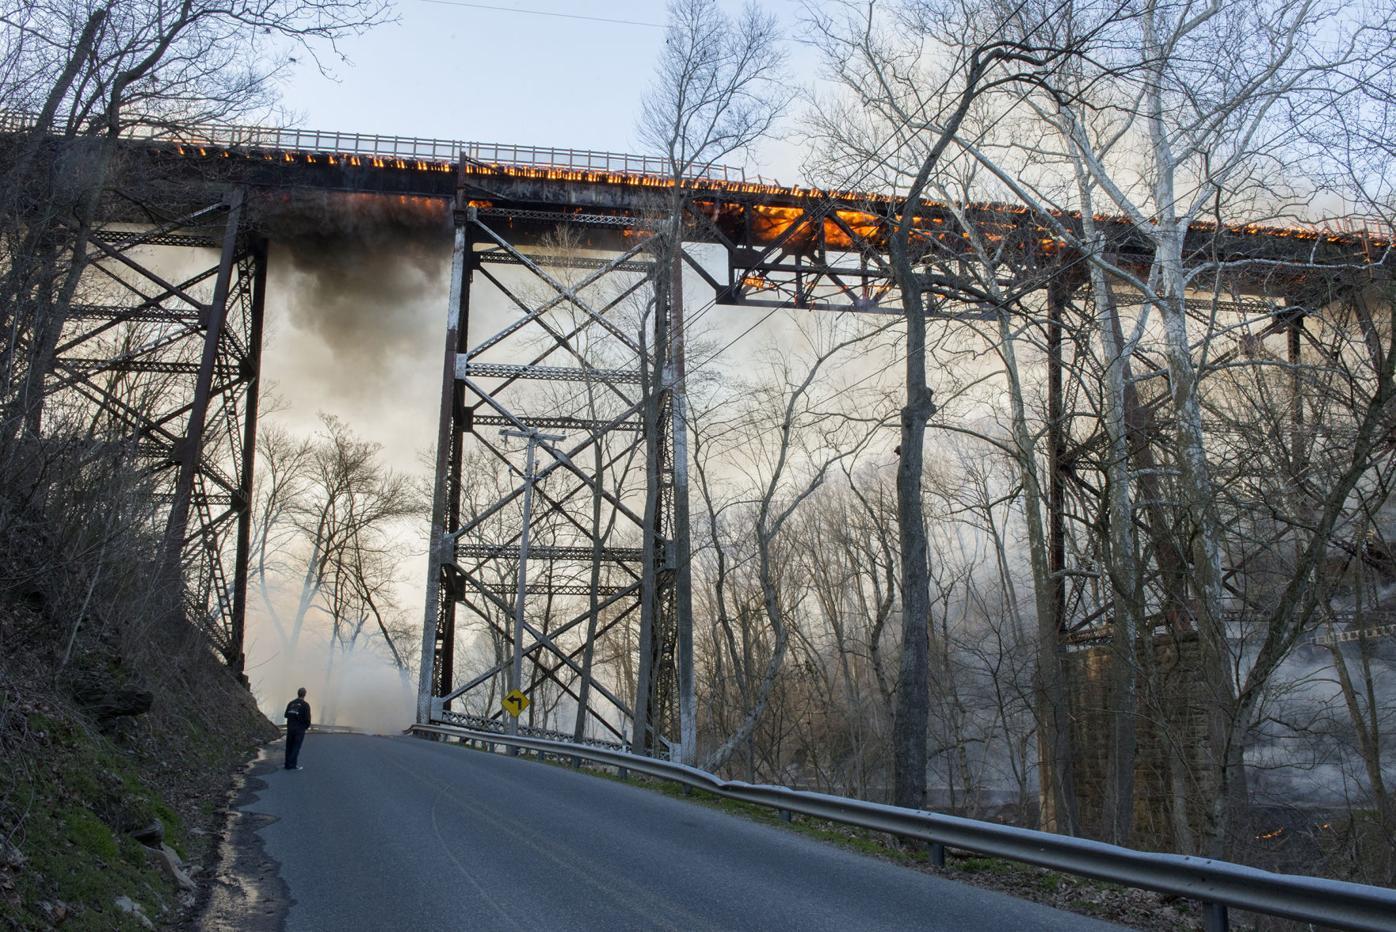 Railroad bridge fire